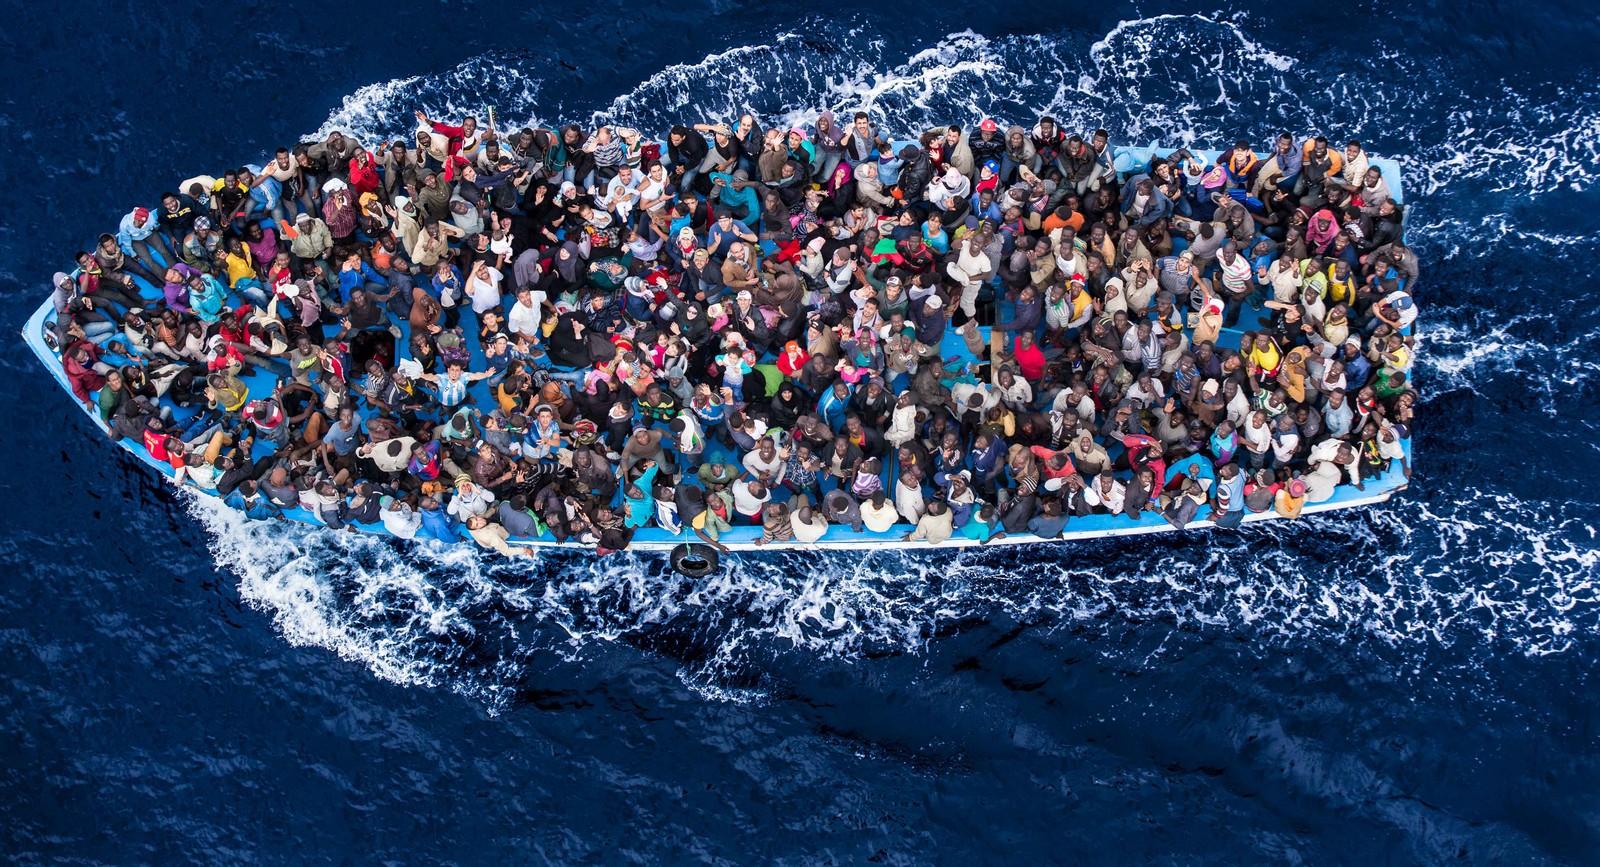 barcaza con migrantes musulmanes fondo